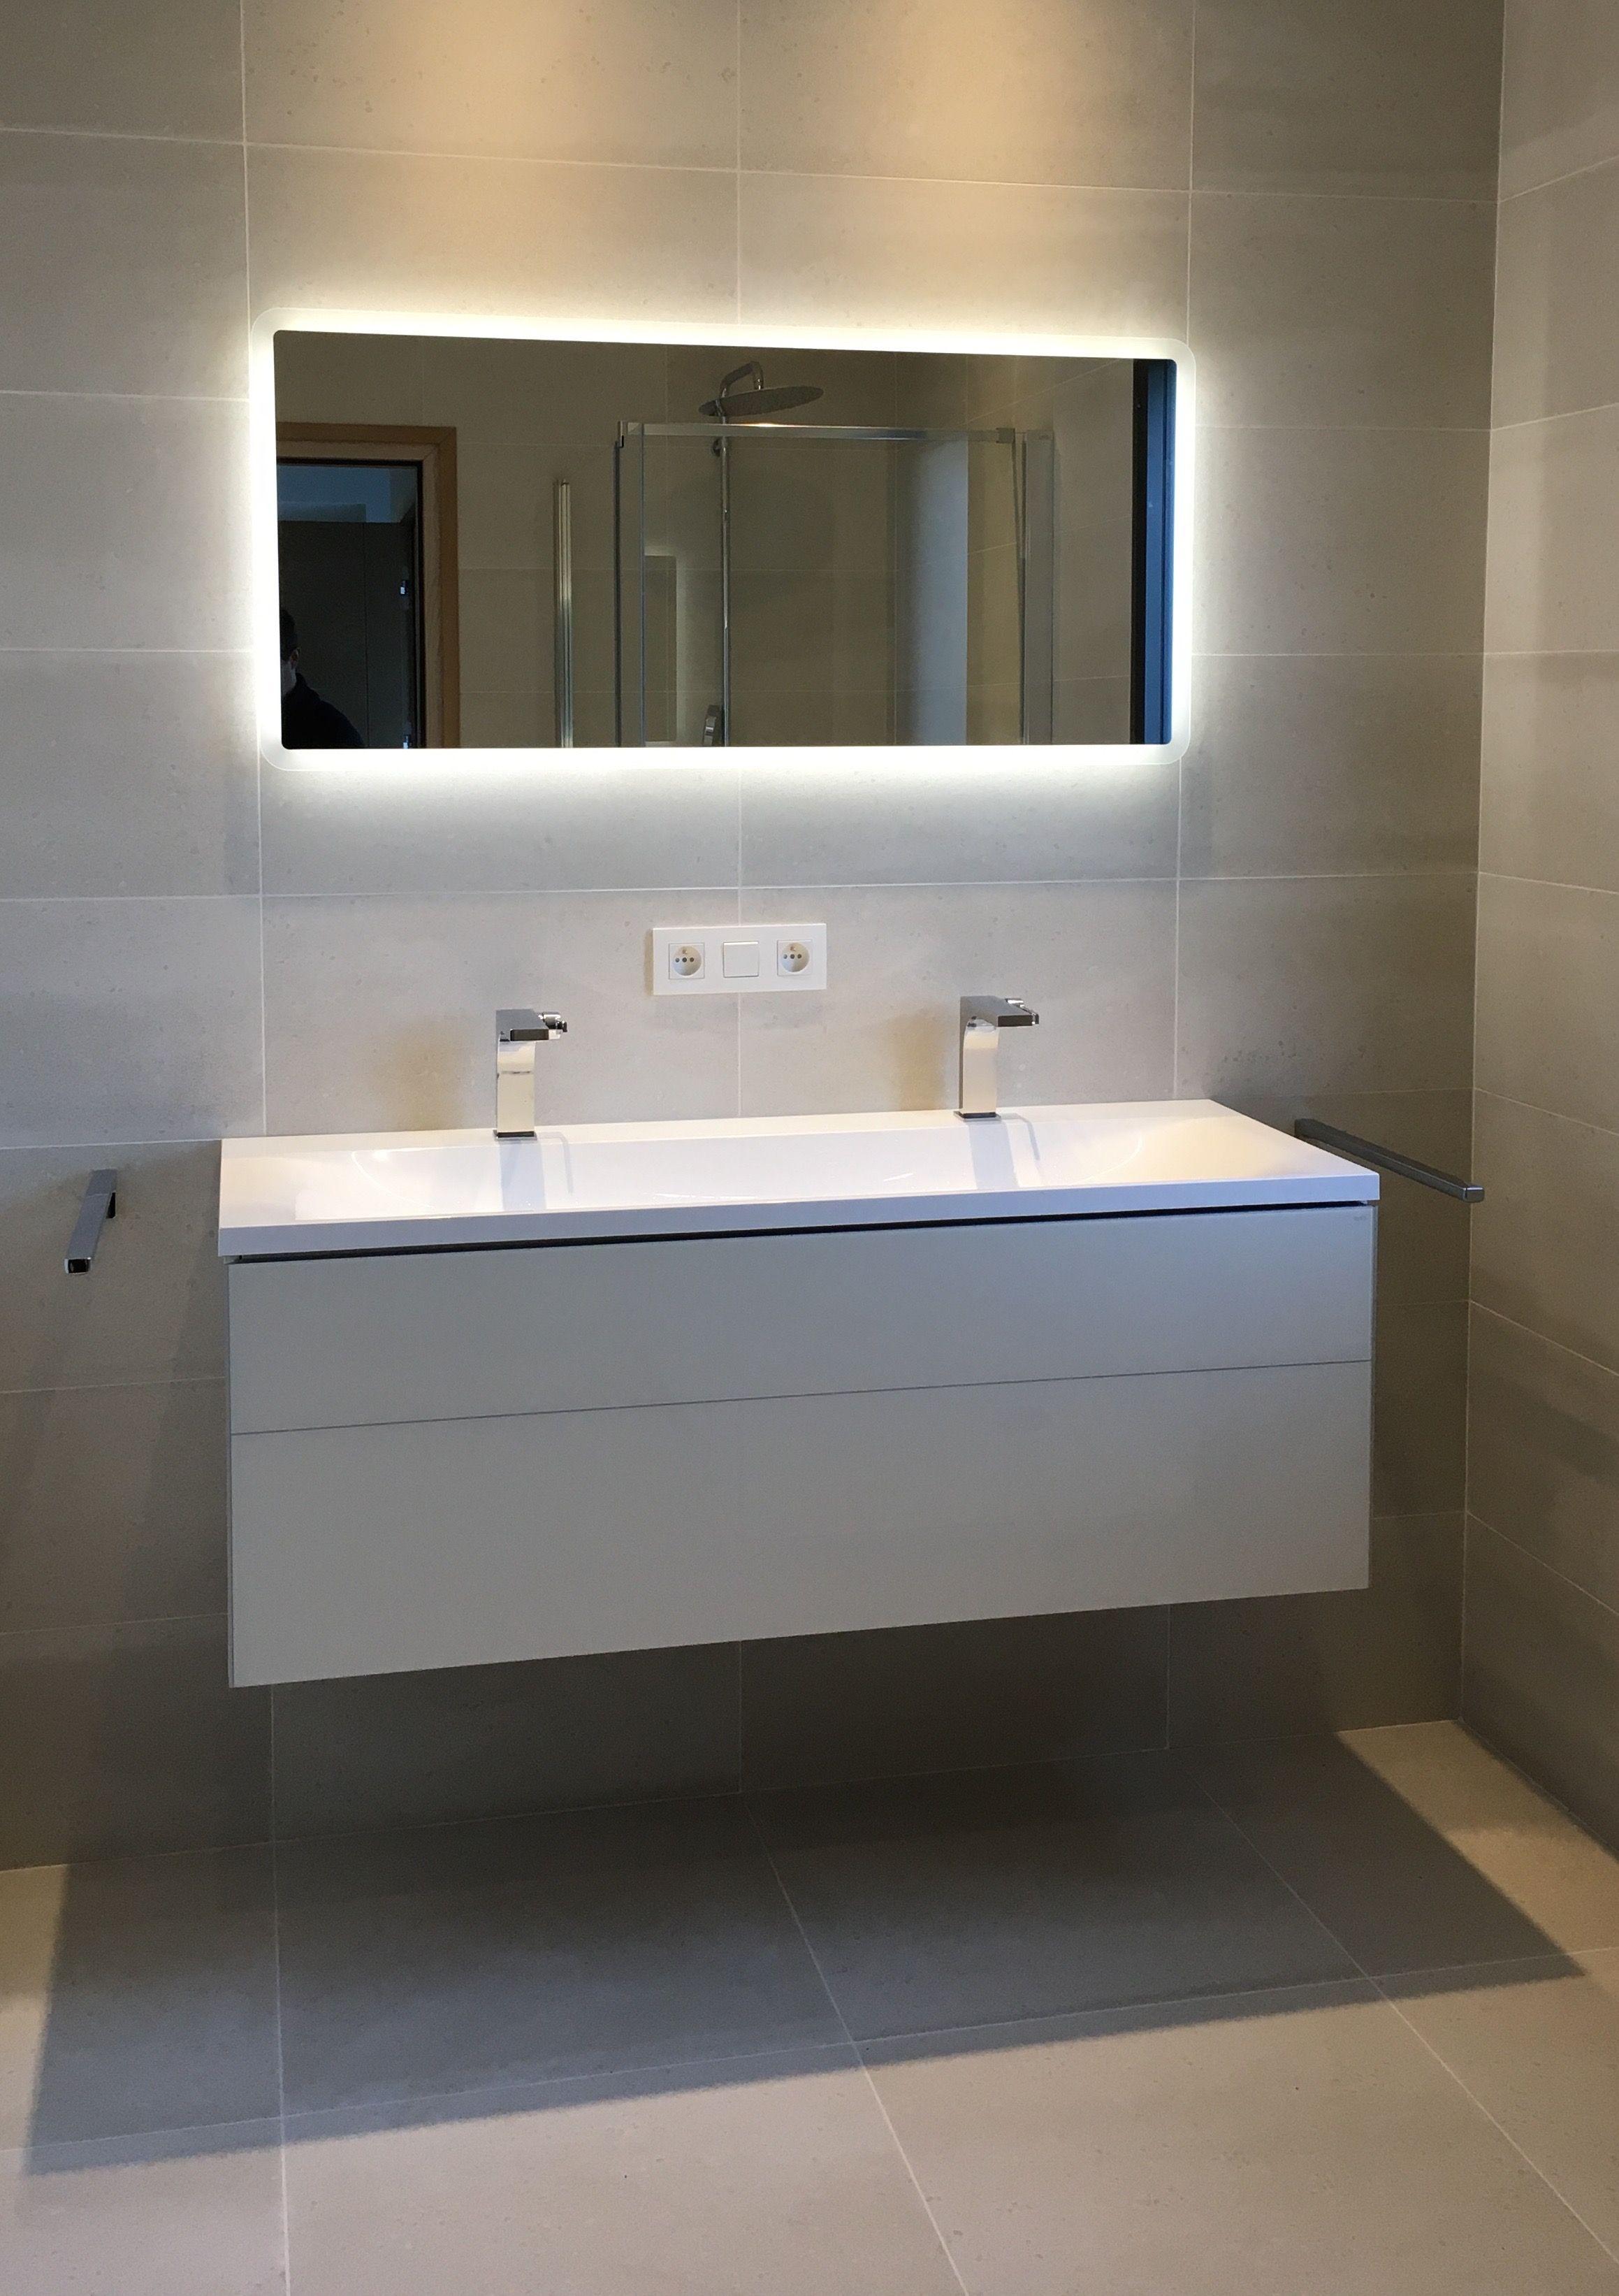 Salles de bain « Architecte Delettre  Salle de bains architecte